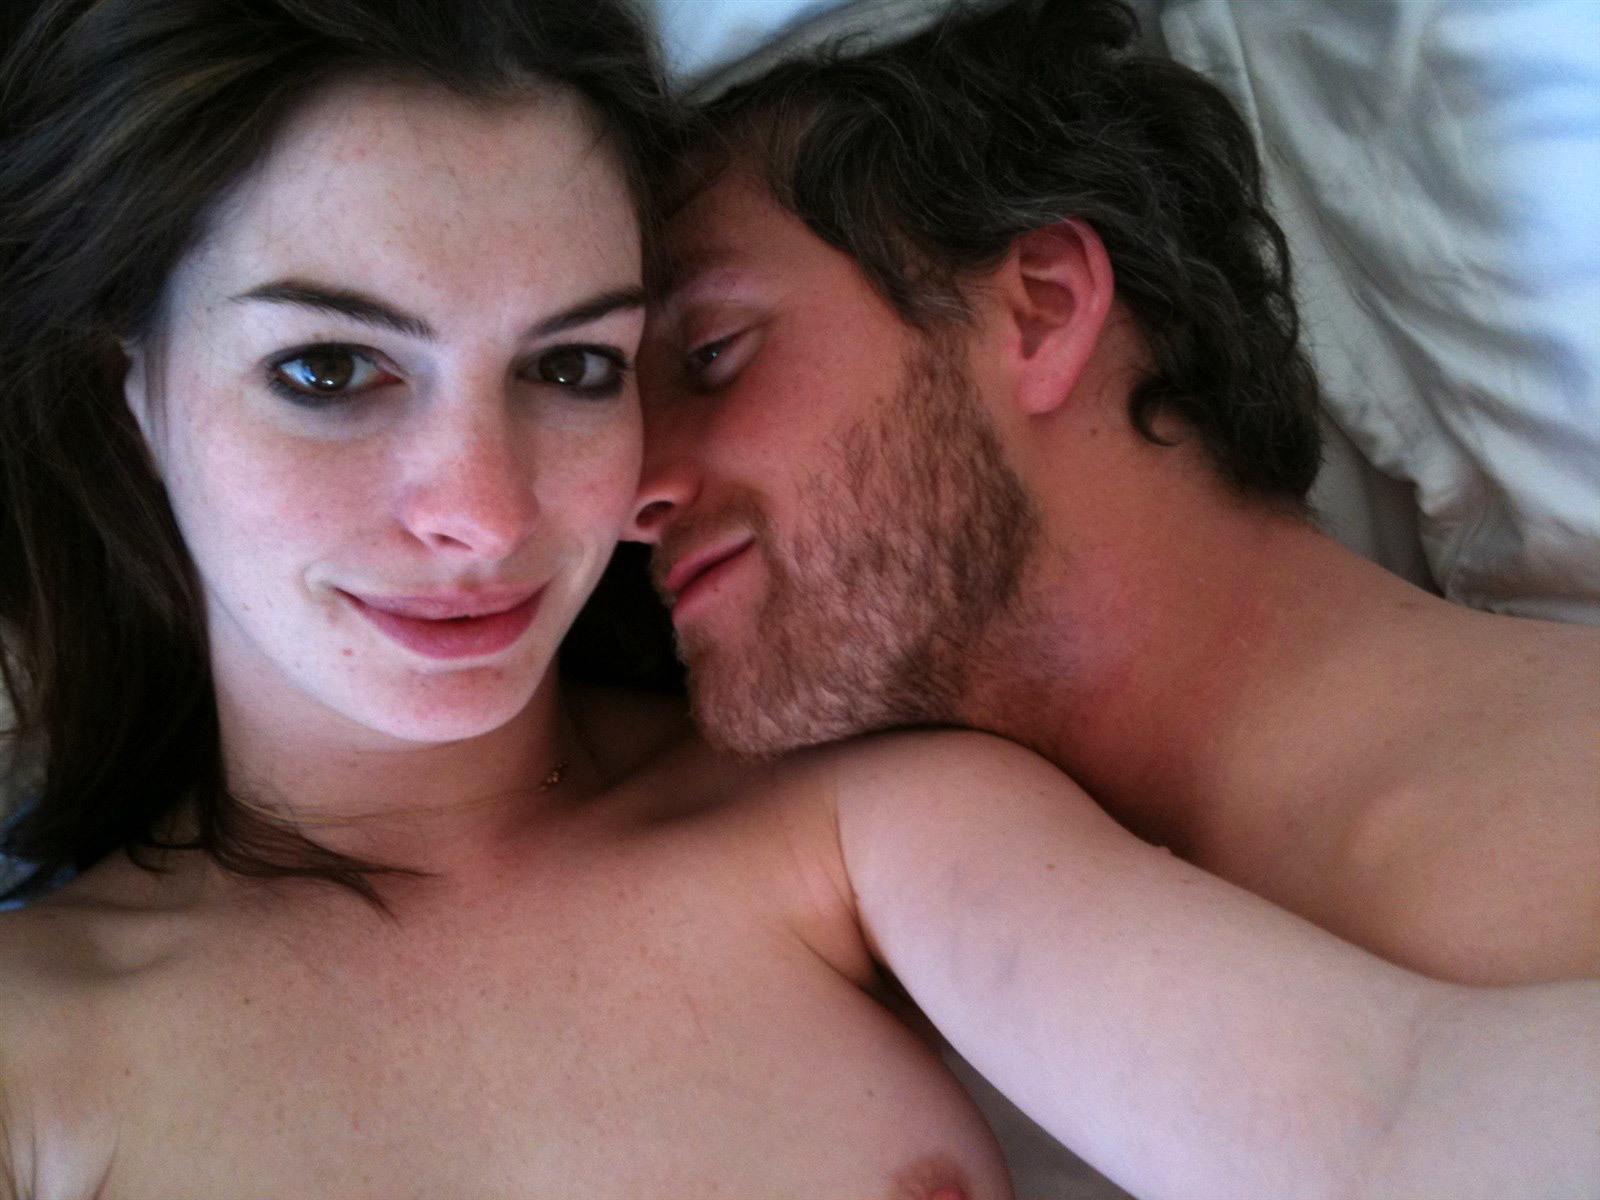 【画像】アメリカの女優さん、8割以上が乳首見せてる